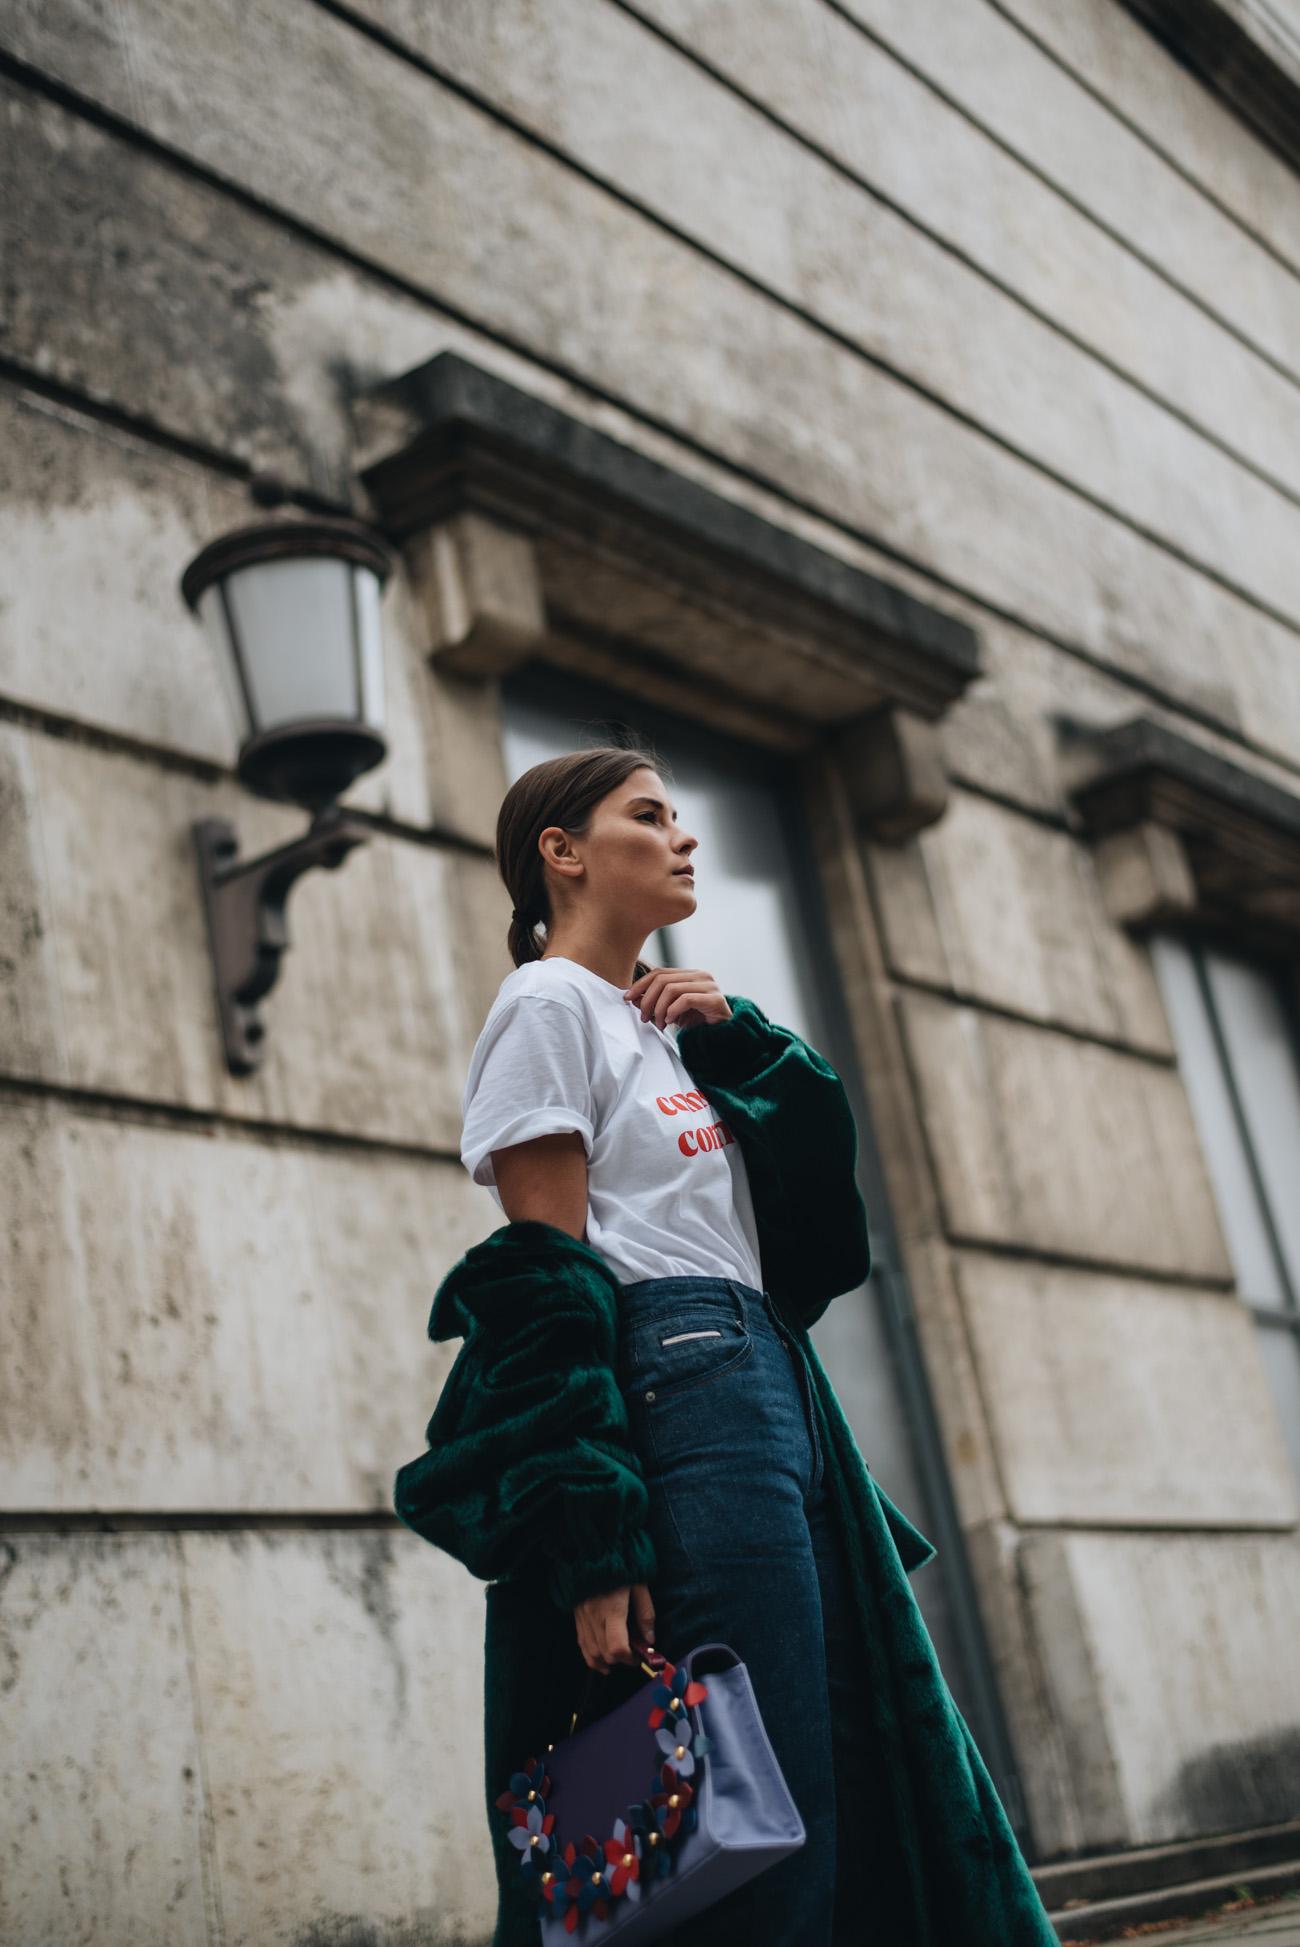 Herbst-und-winter-mode-trends-2017-oversize-fell-mäntel-fake-fur-trendübersicht-nina-schwichtenberg-bloggerin-fashiioncarpet-